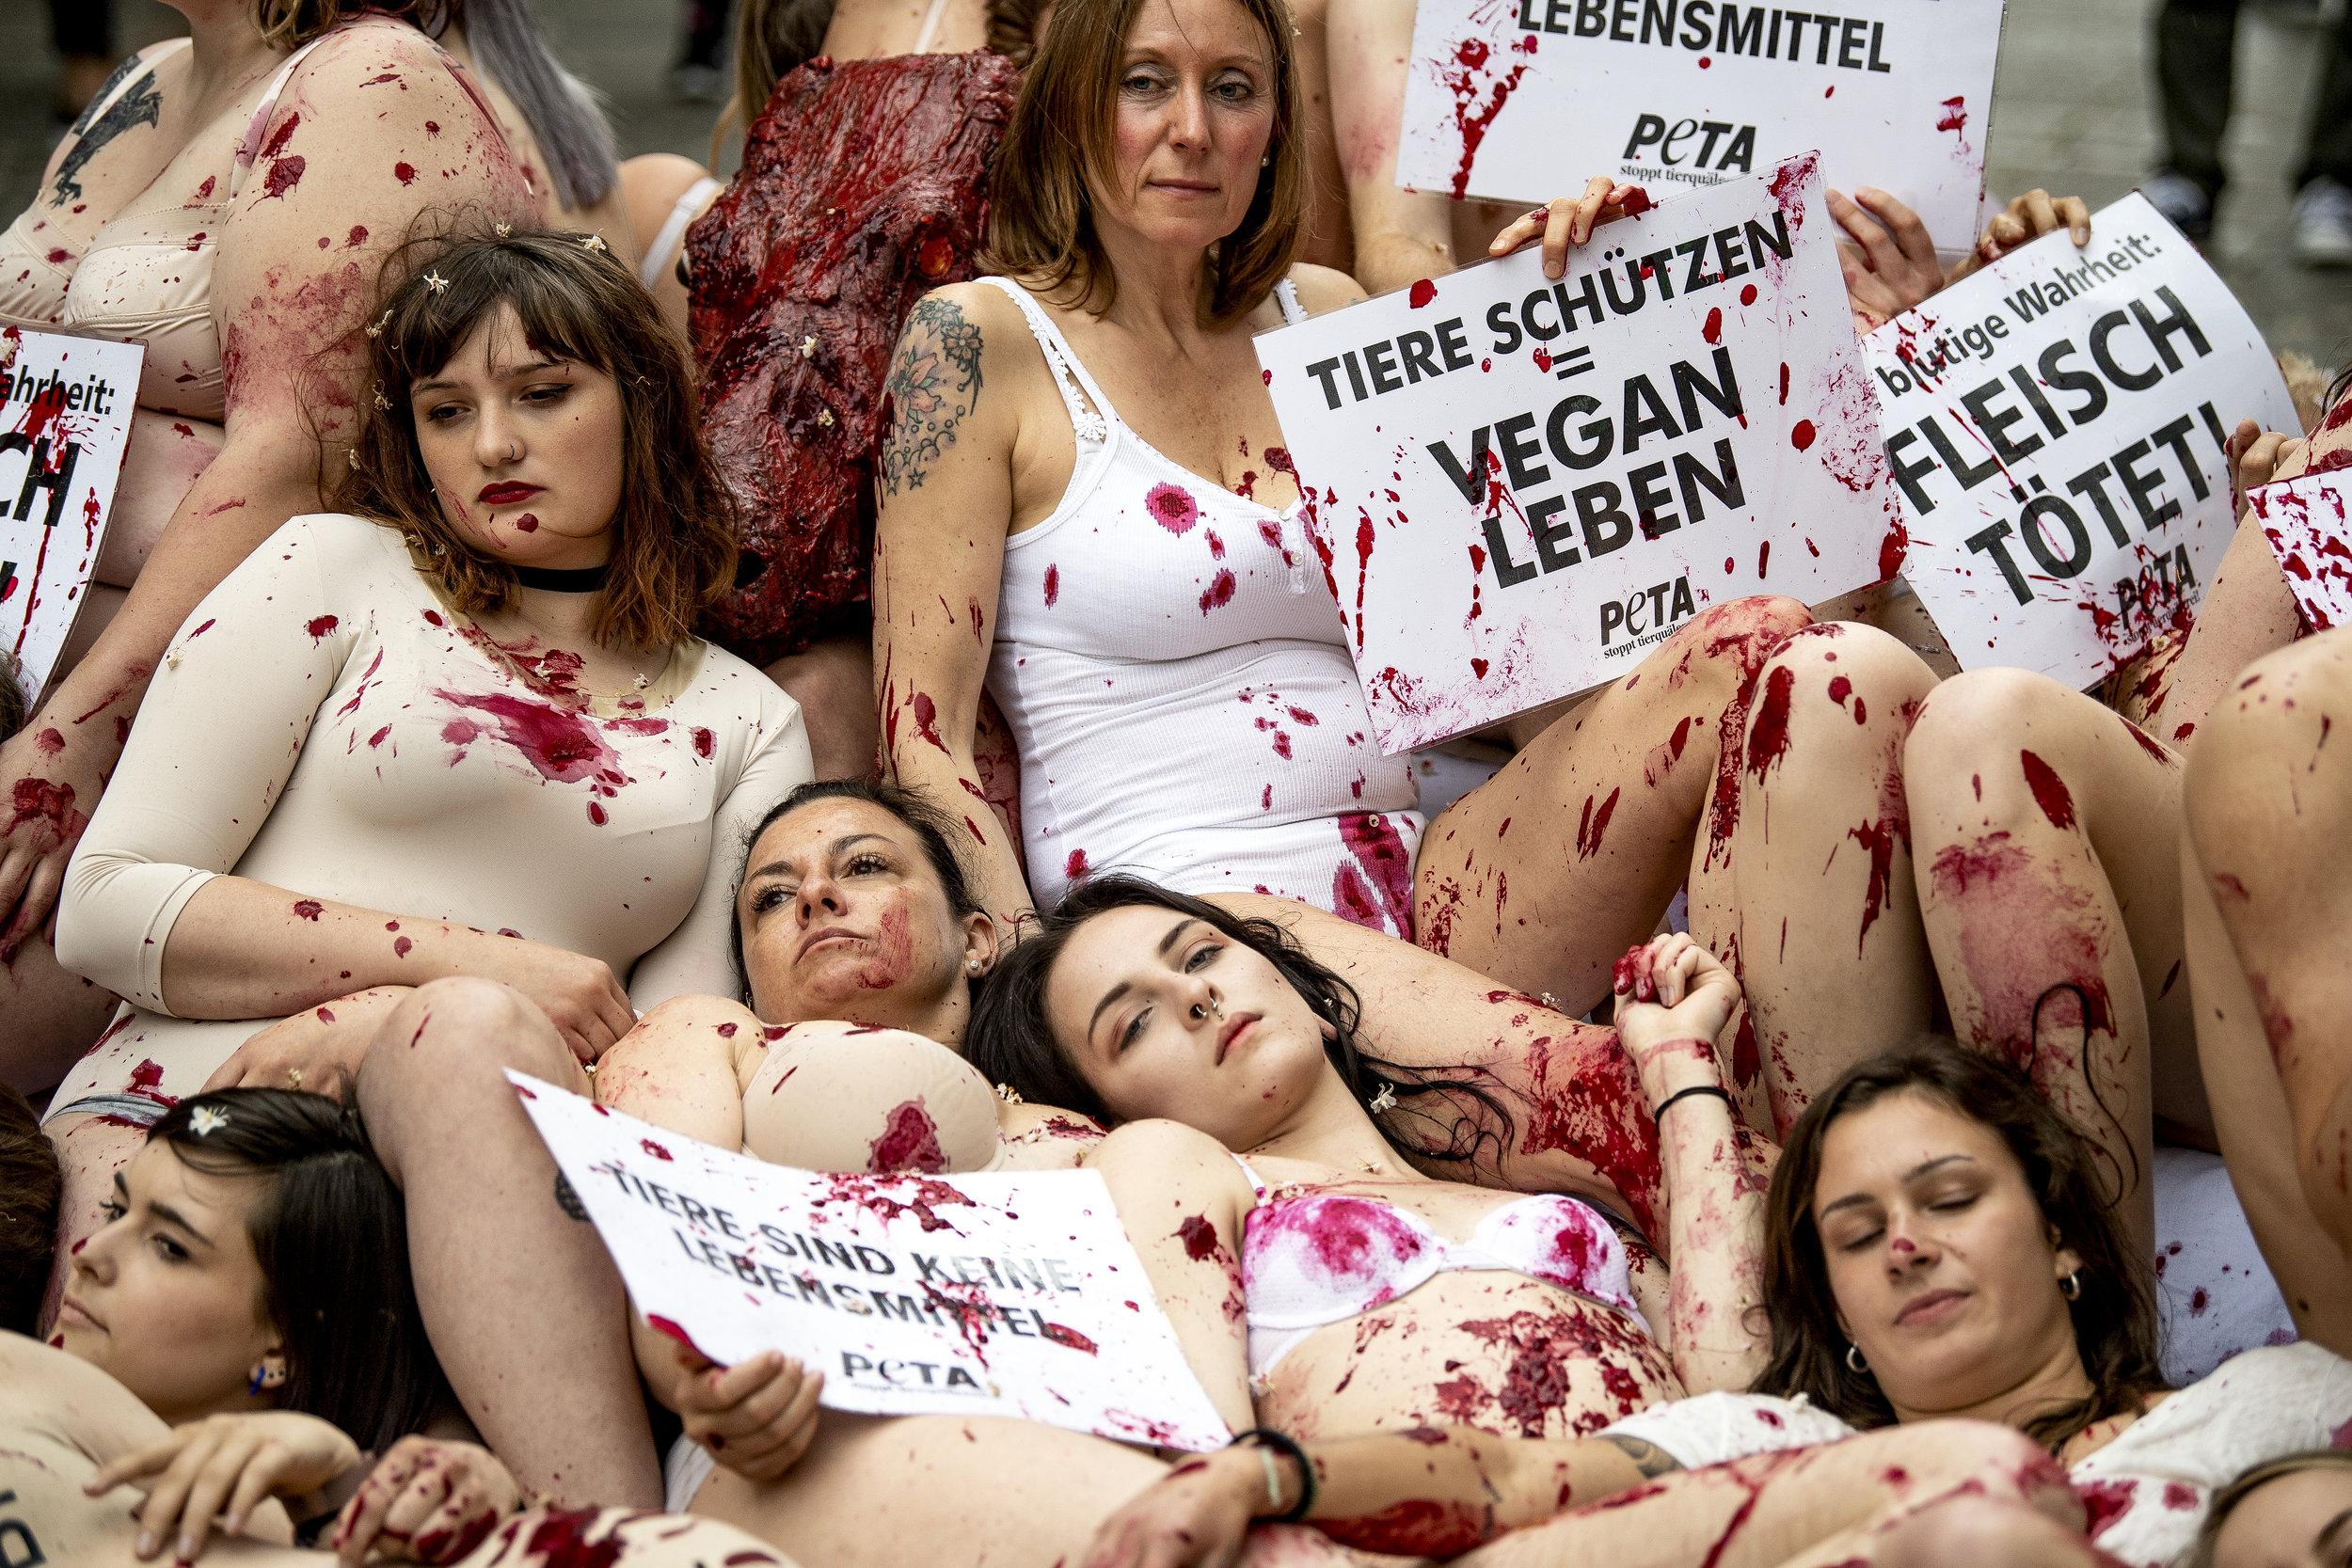 Zum 25-jährigen Jubiläum liegen Aktivisten der Tierrechtsorganisation Peta Mit Kunstblut beschmiert und halbnackt in der Stuttgarter Innenstadt.